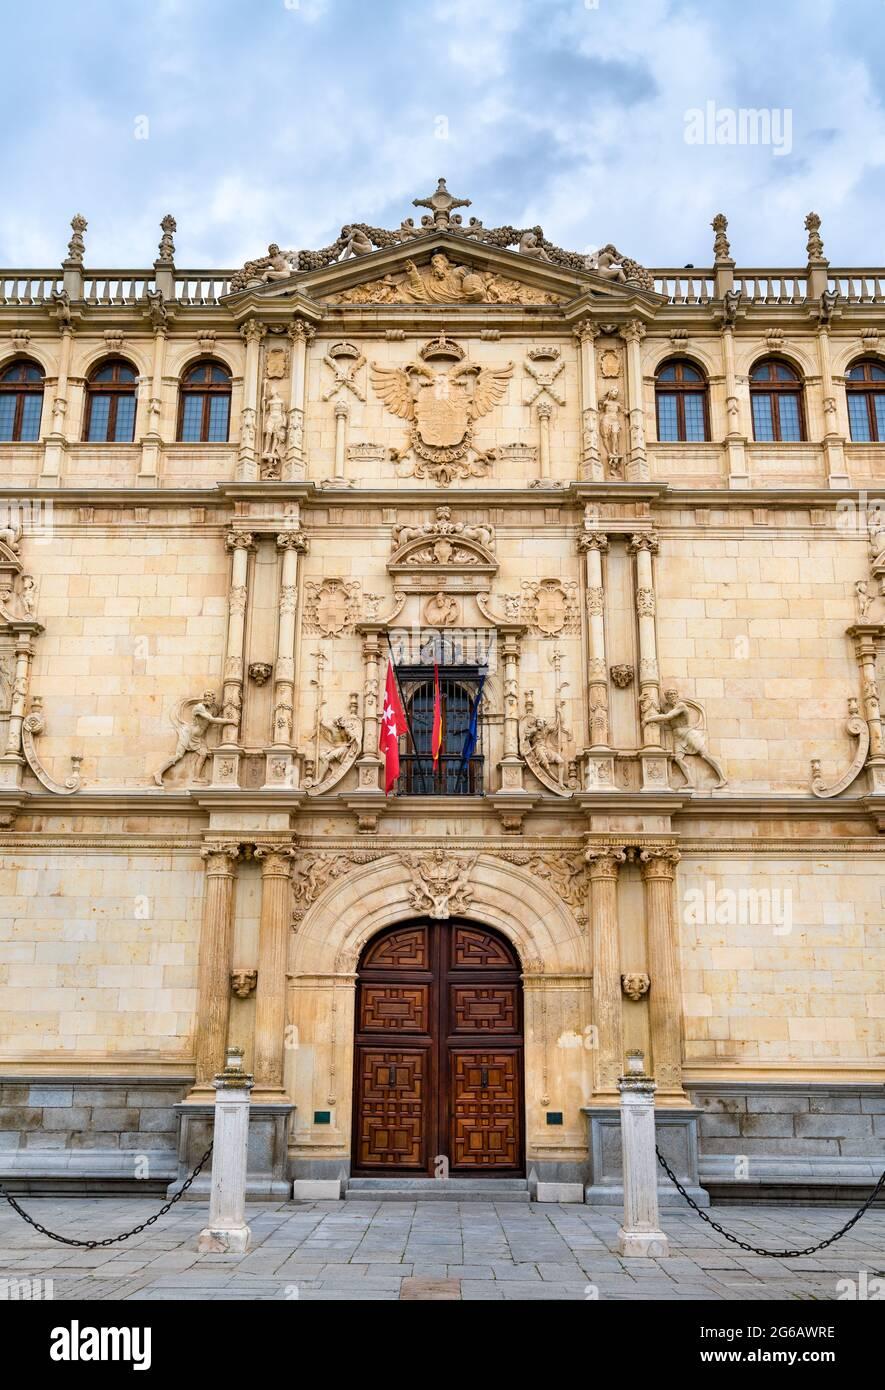 Colegio Mayor de San Ildefonso en Alcalá de Henares, España Foto de stock